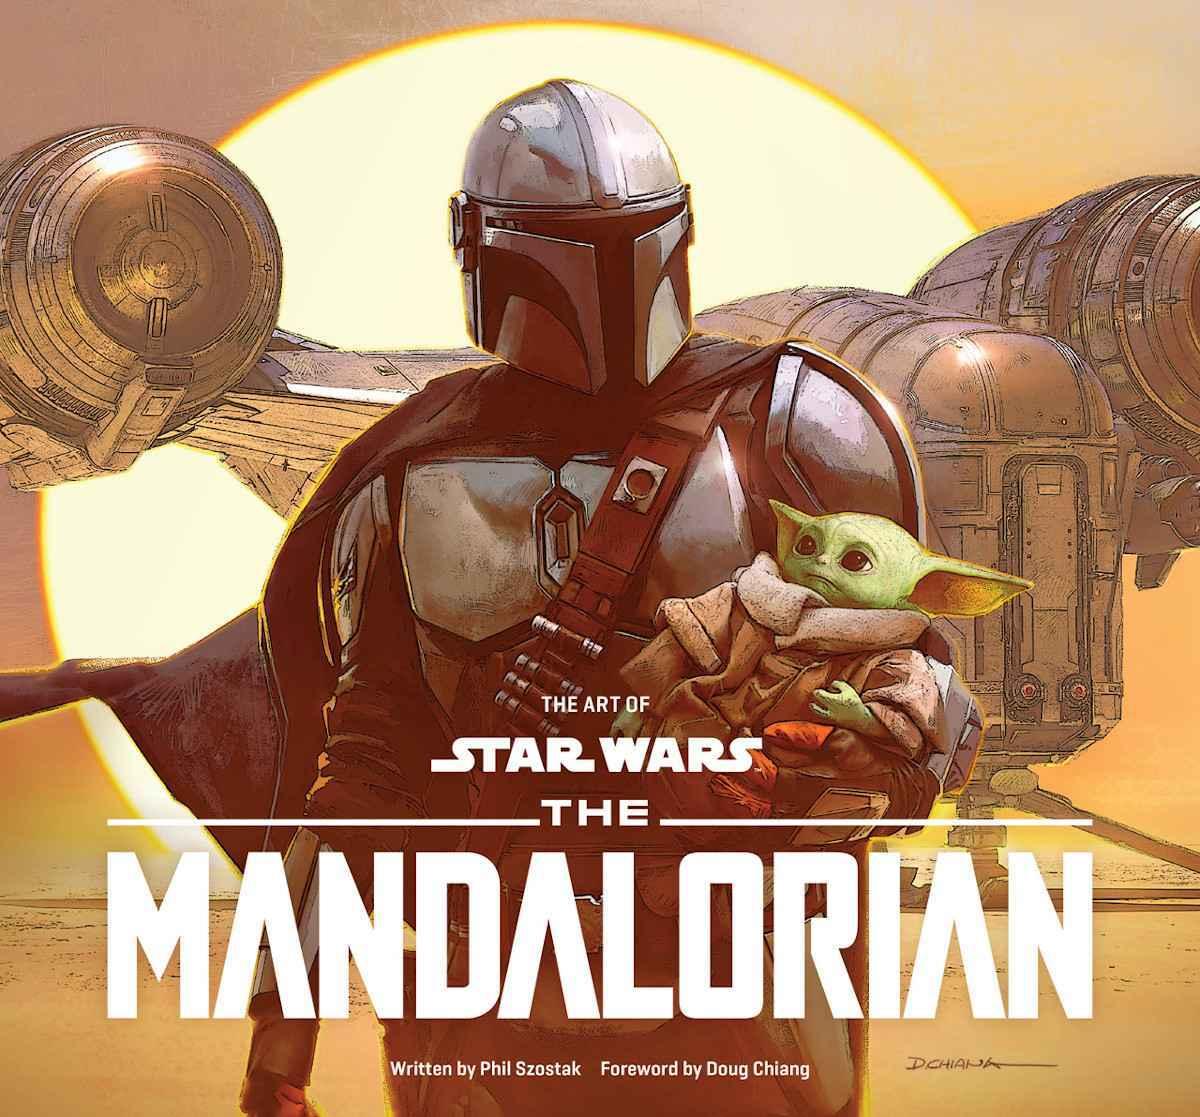 The Art of the Mandalorian Season 1